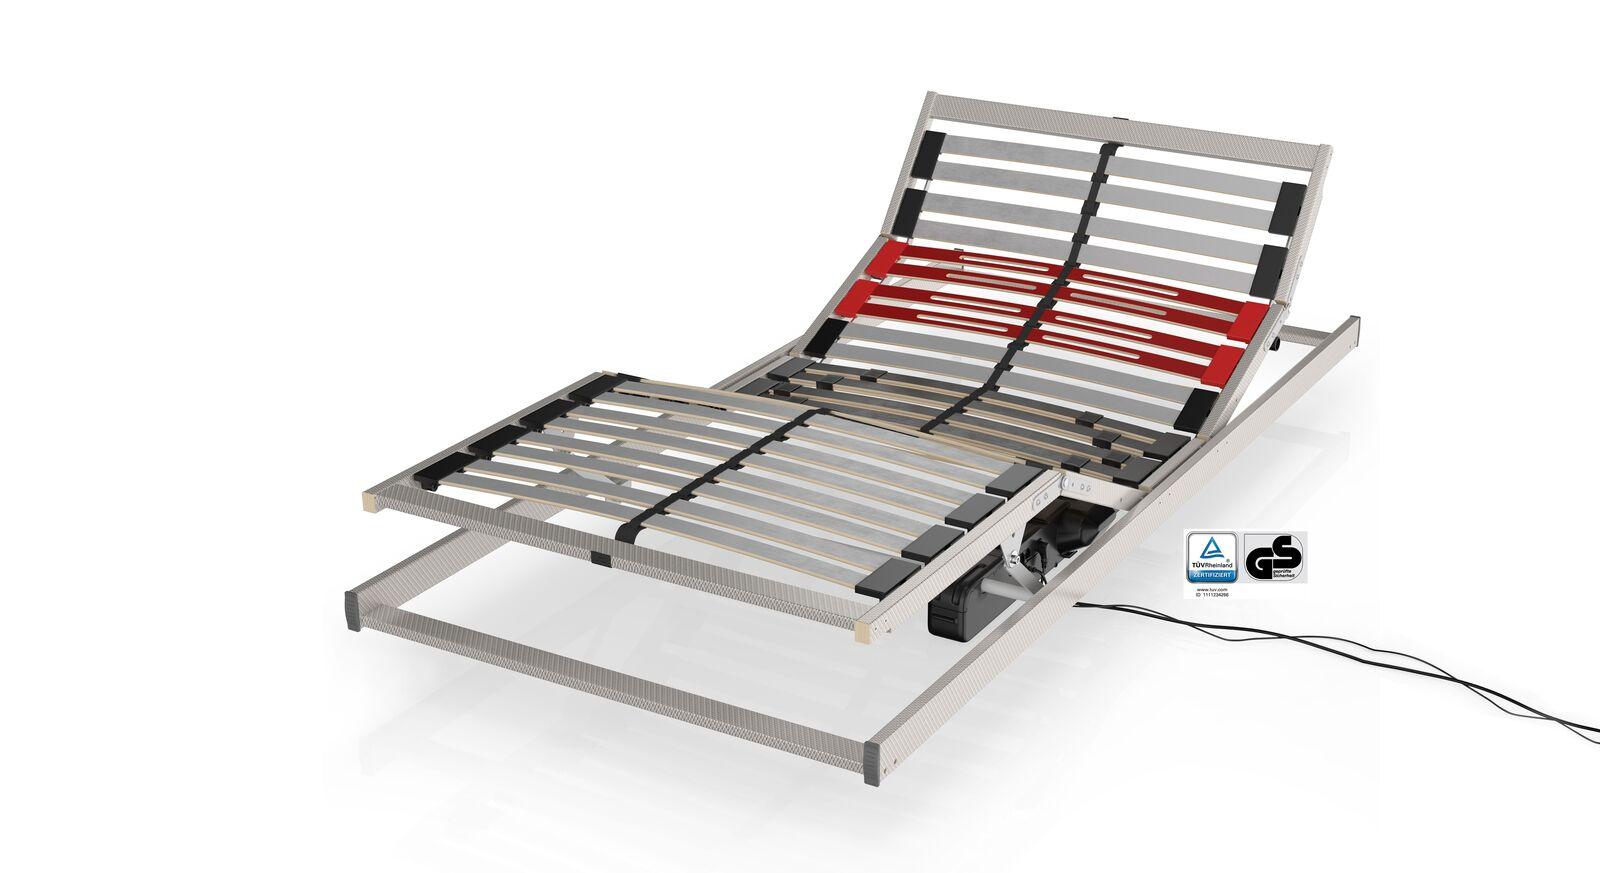 Ergonomischer Schlaraffia Elektro-Lattenrost Classic 28 M für gute Körperanpassung